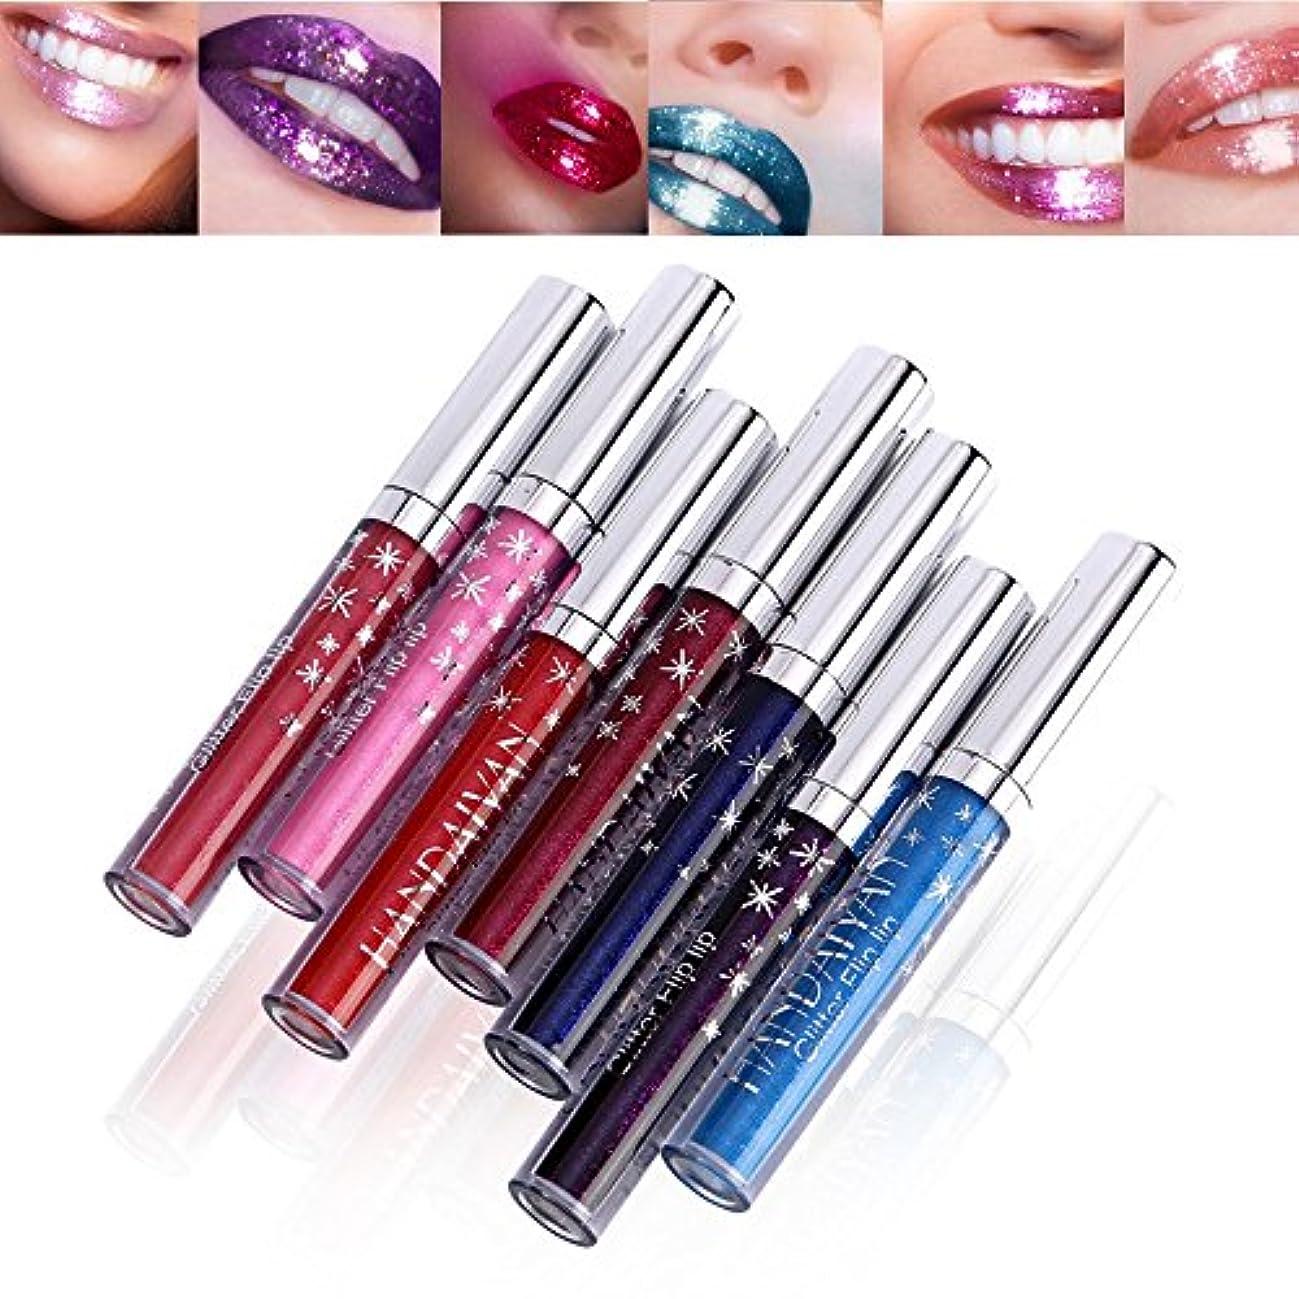 脊椎ガラス田舎HANDAIYAN 7 Colors Glitter Flip Lip Gloss Set Non-stick Cup Waterproof pigment Nude Glitter Shimmer Diamonds Pearl Liquid Lipstick kit